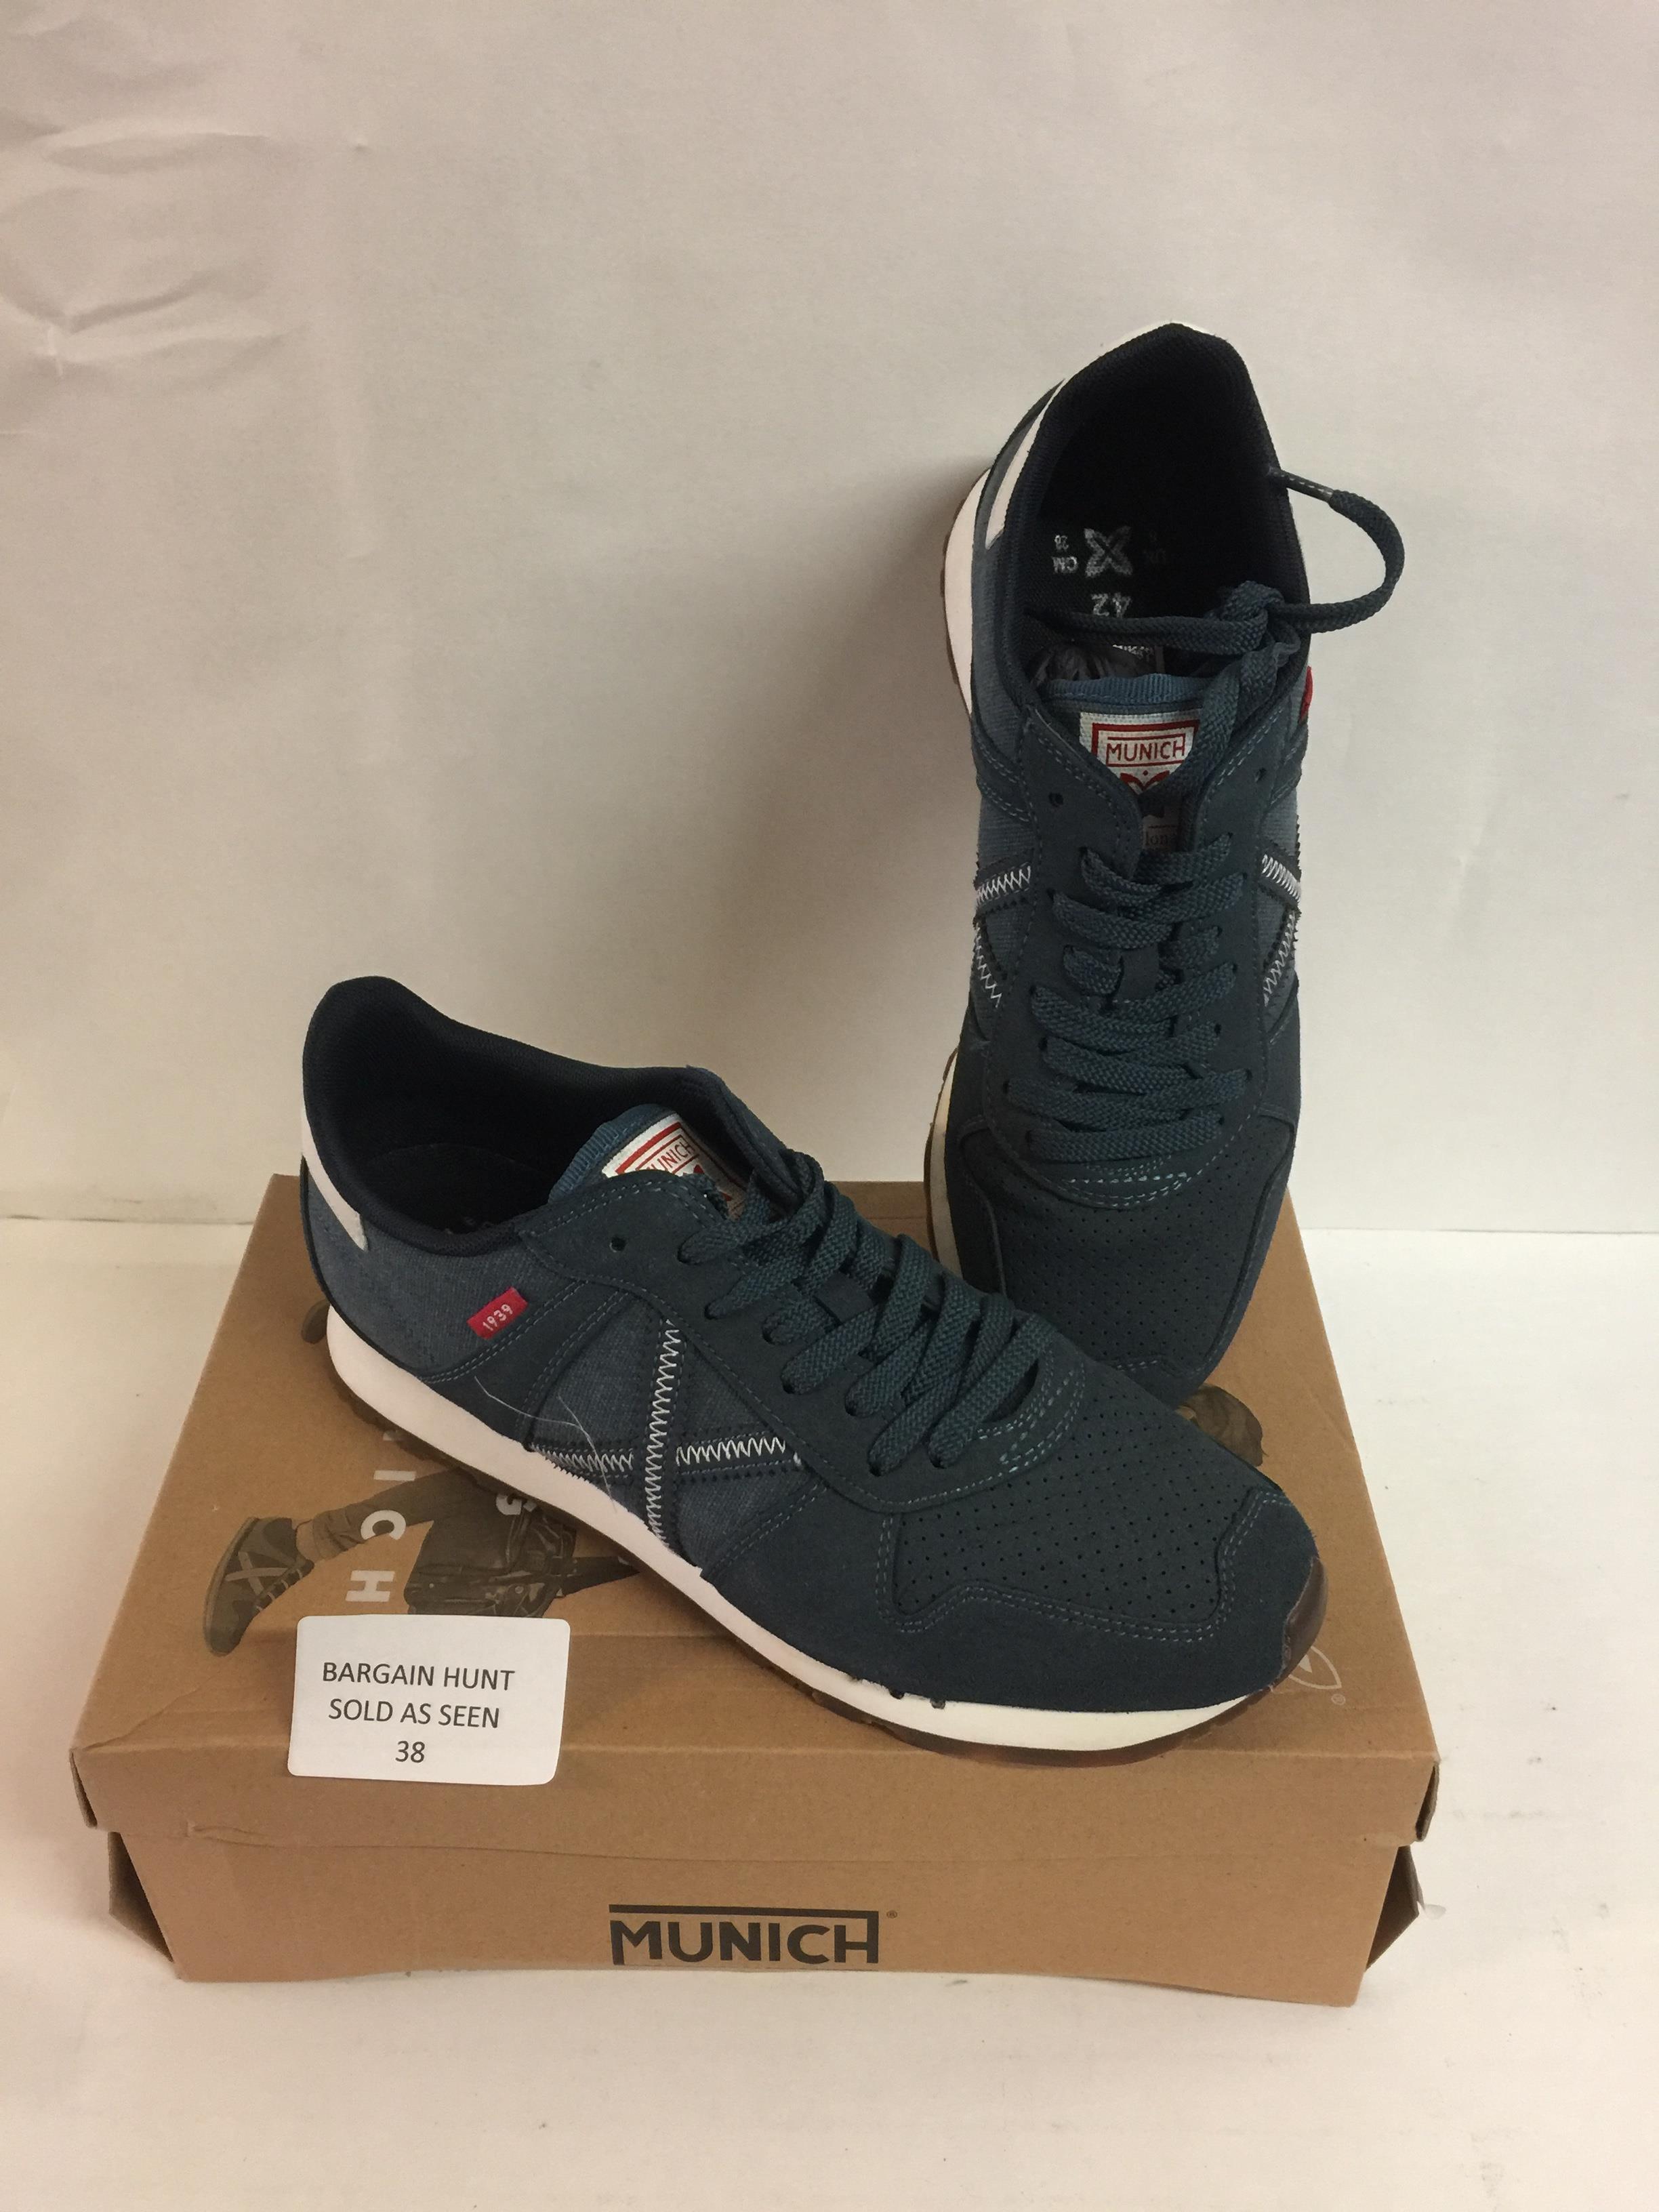 Lot 38 - Munich Massana Shoes, 8 UK